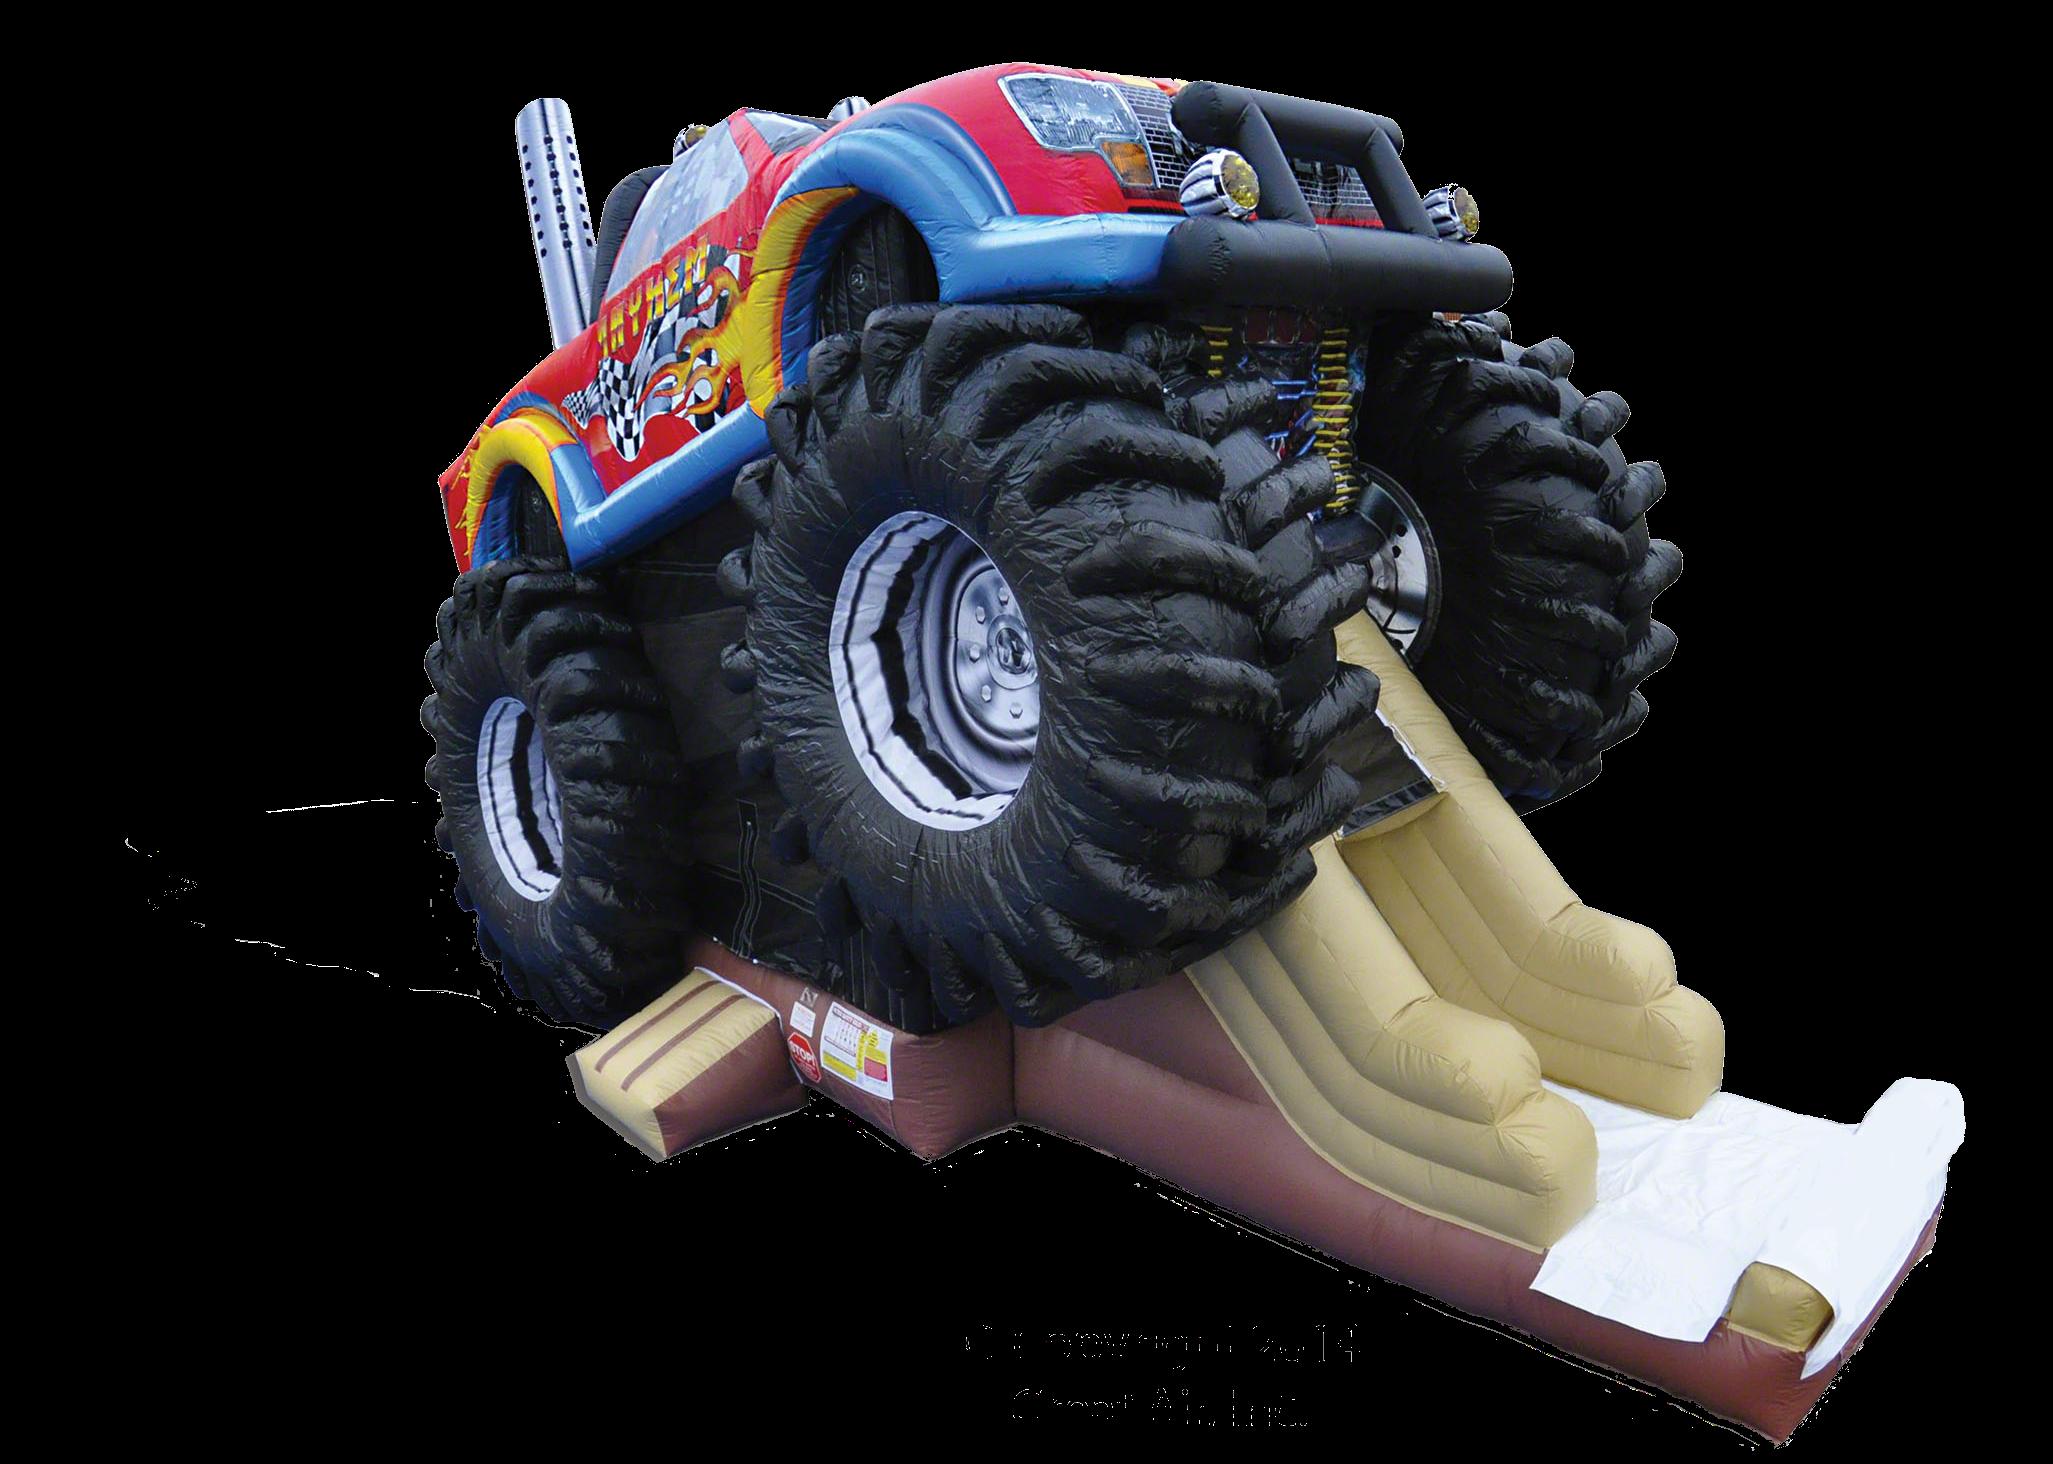 Monster truck slide rentals Murfreesboro